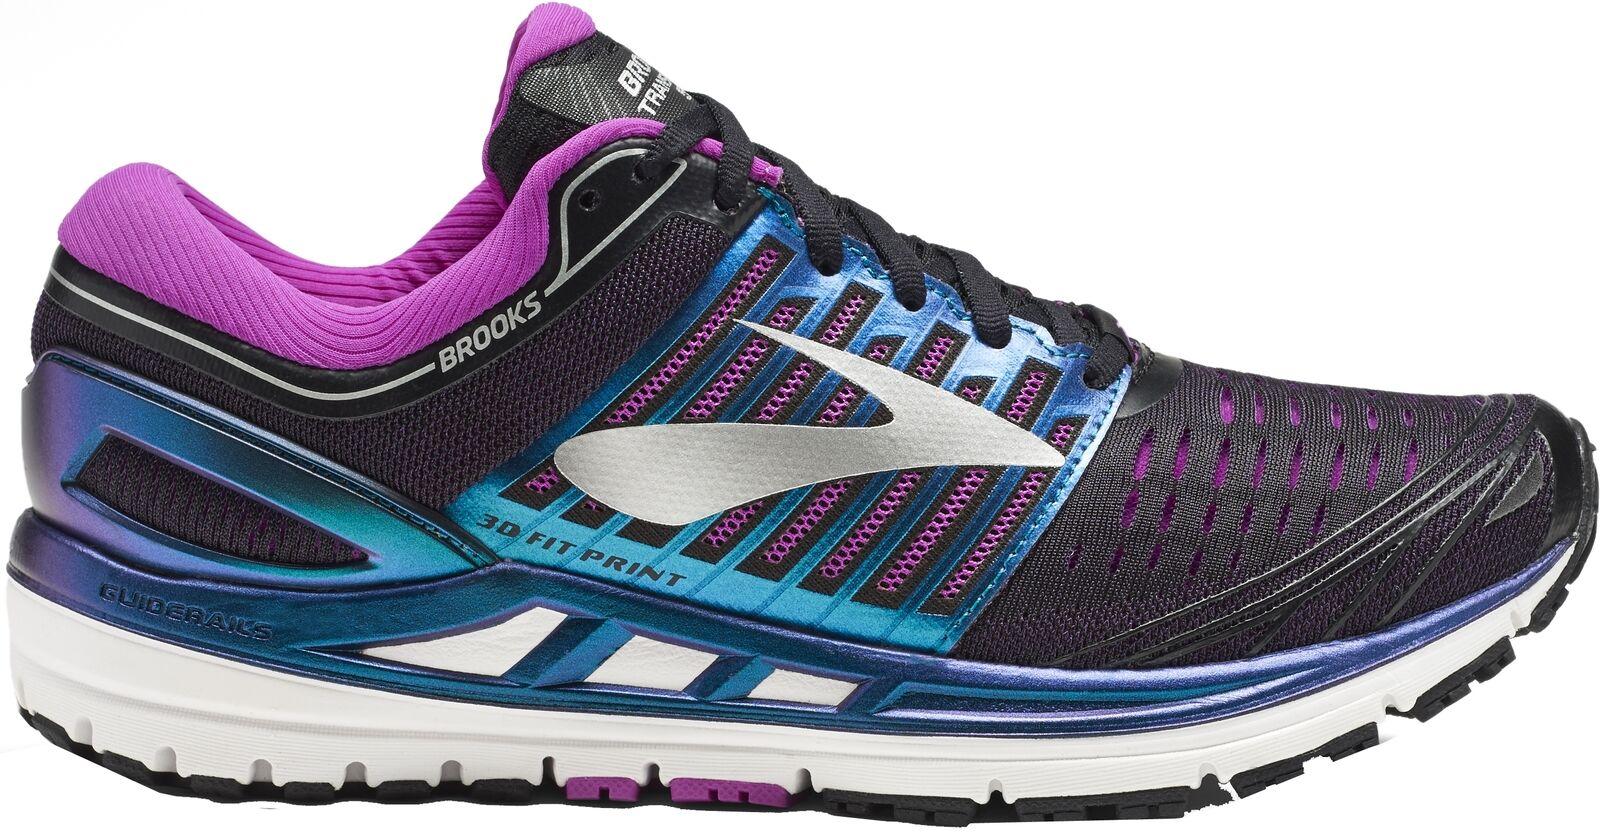 Brooks transcend 5 damas de zapatillas zapatillas zapatillas para correr confort zapatos zapatillas  genuina alta calidad